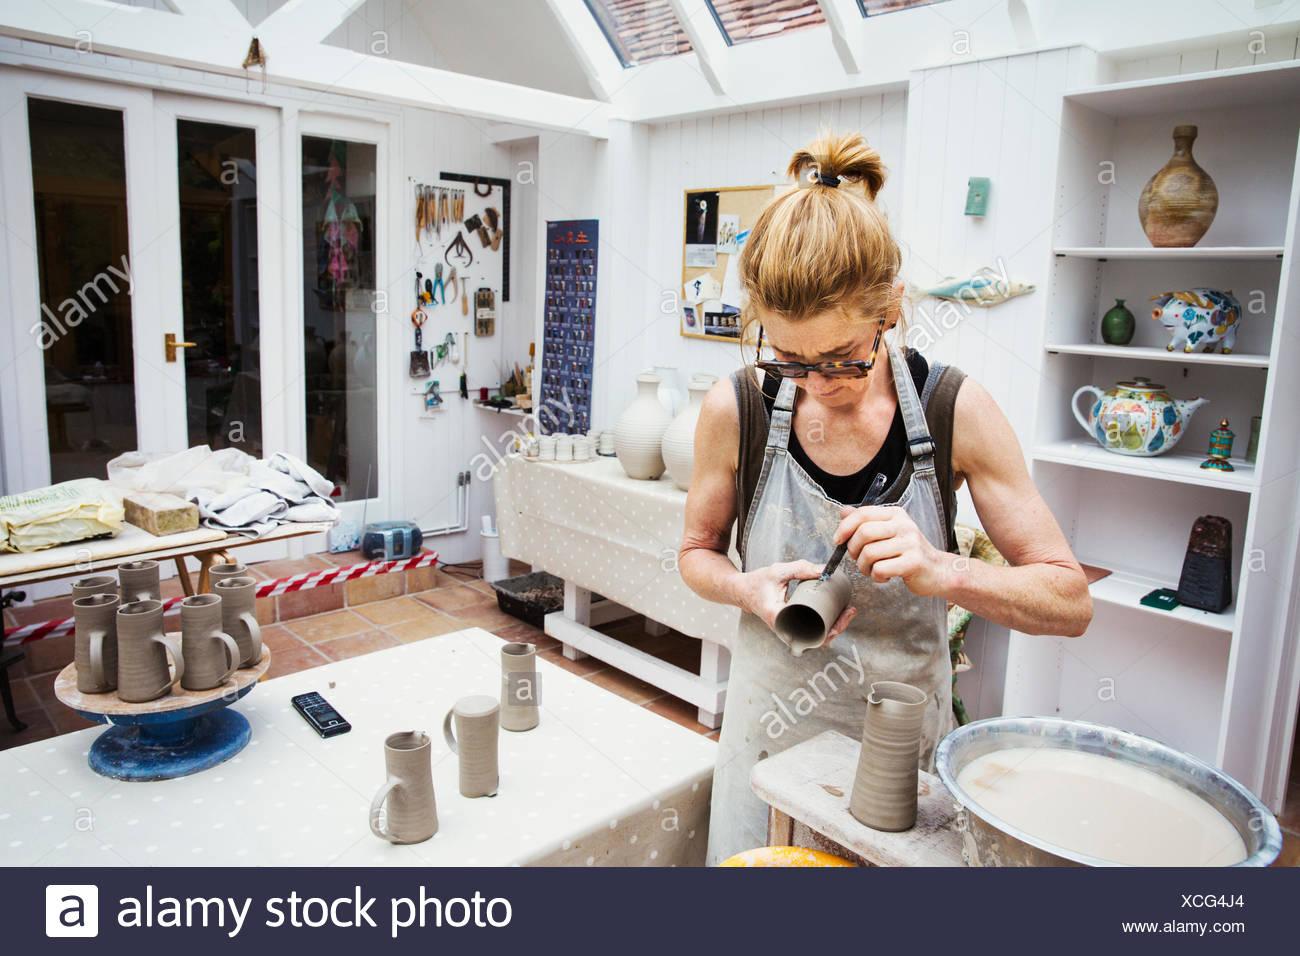 Un potter de la manipulation d'un pot d'argile humide, en lissant les bords et la préparer pour la cuisson au four. Banque D'Images